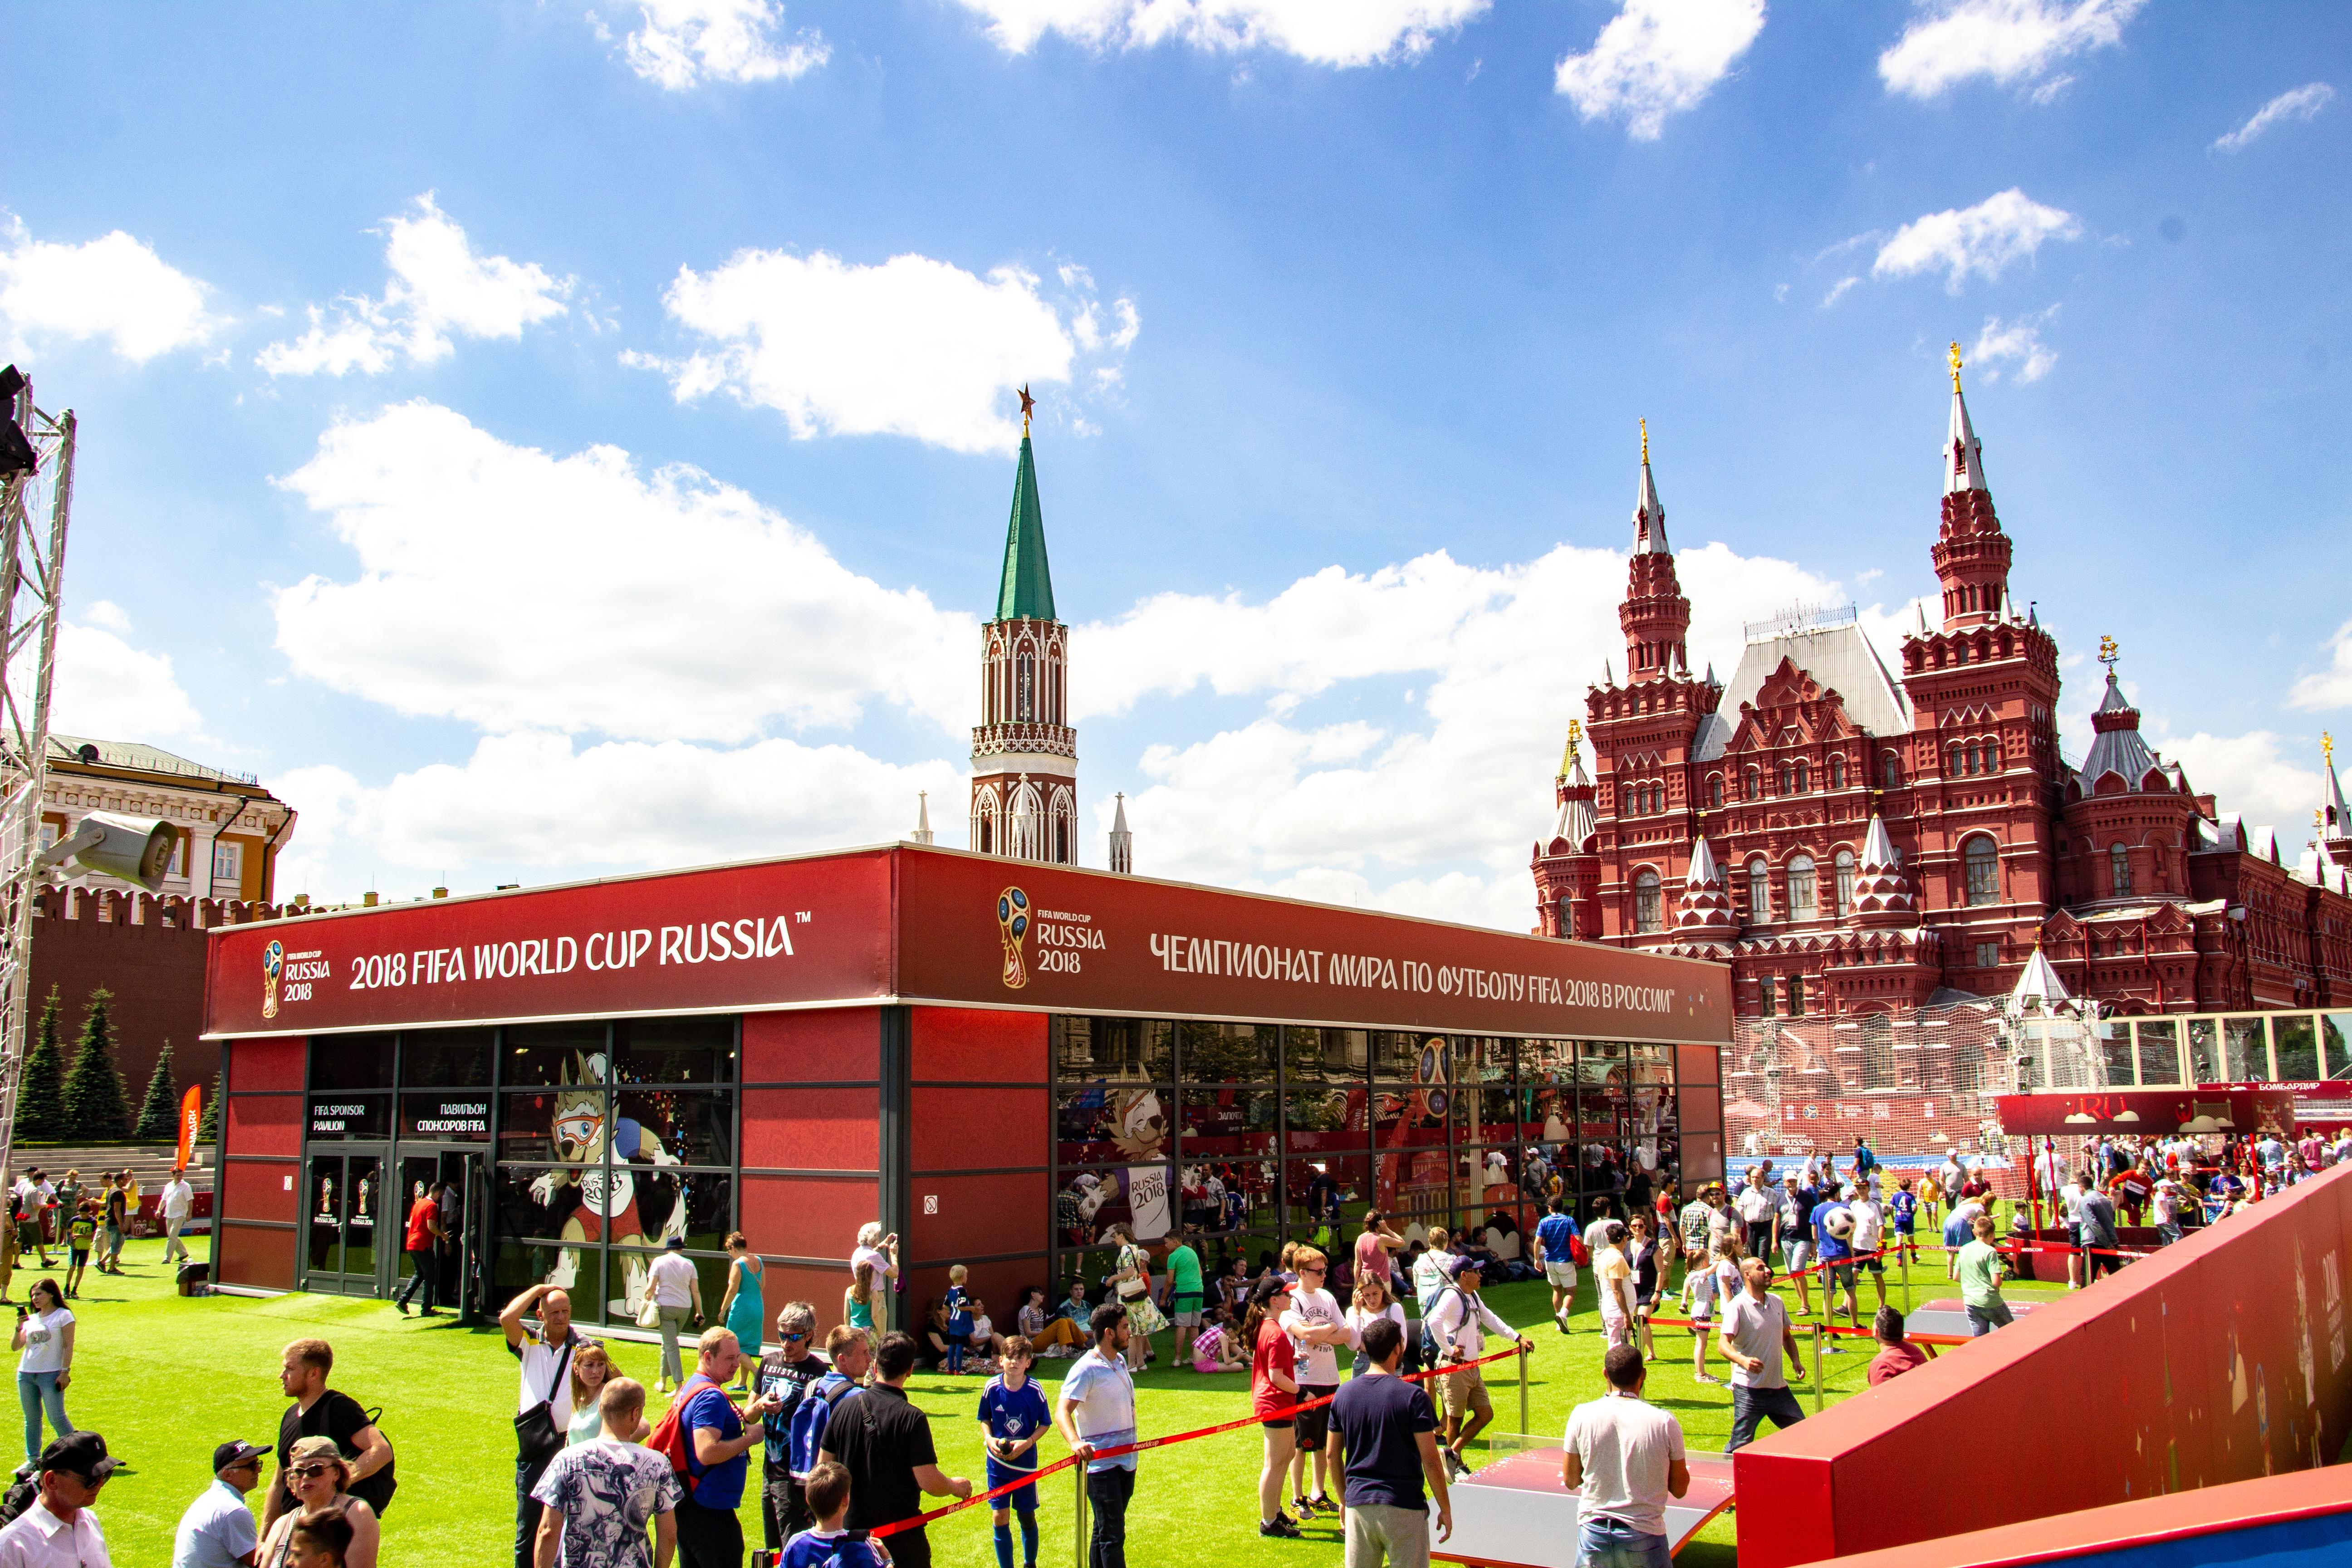 Временная инфраструктура для Парка футбола в рамках Чемпионата Мира по футболу 2018. Красная площадь.